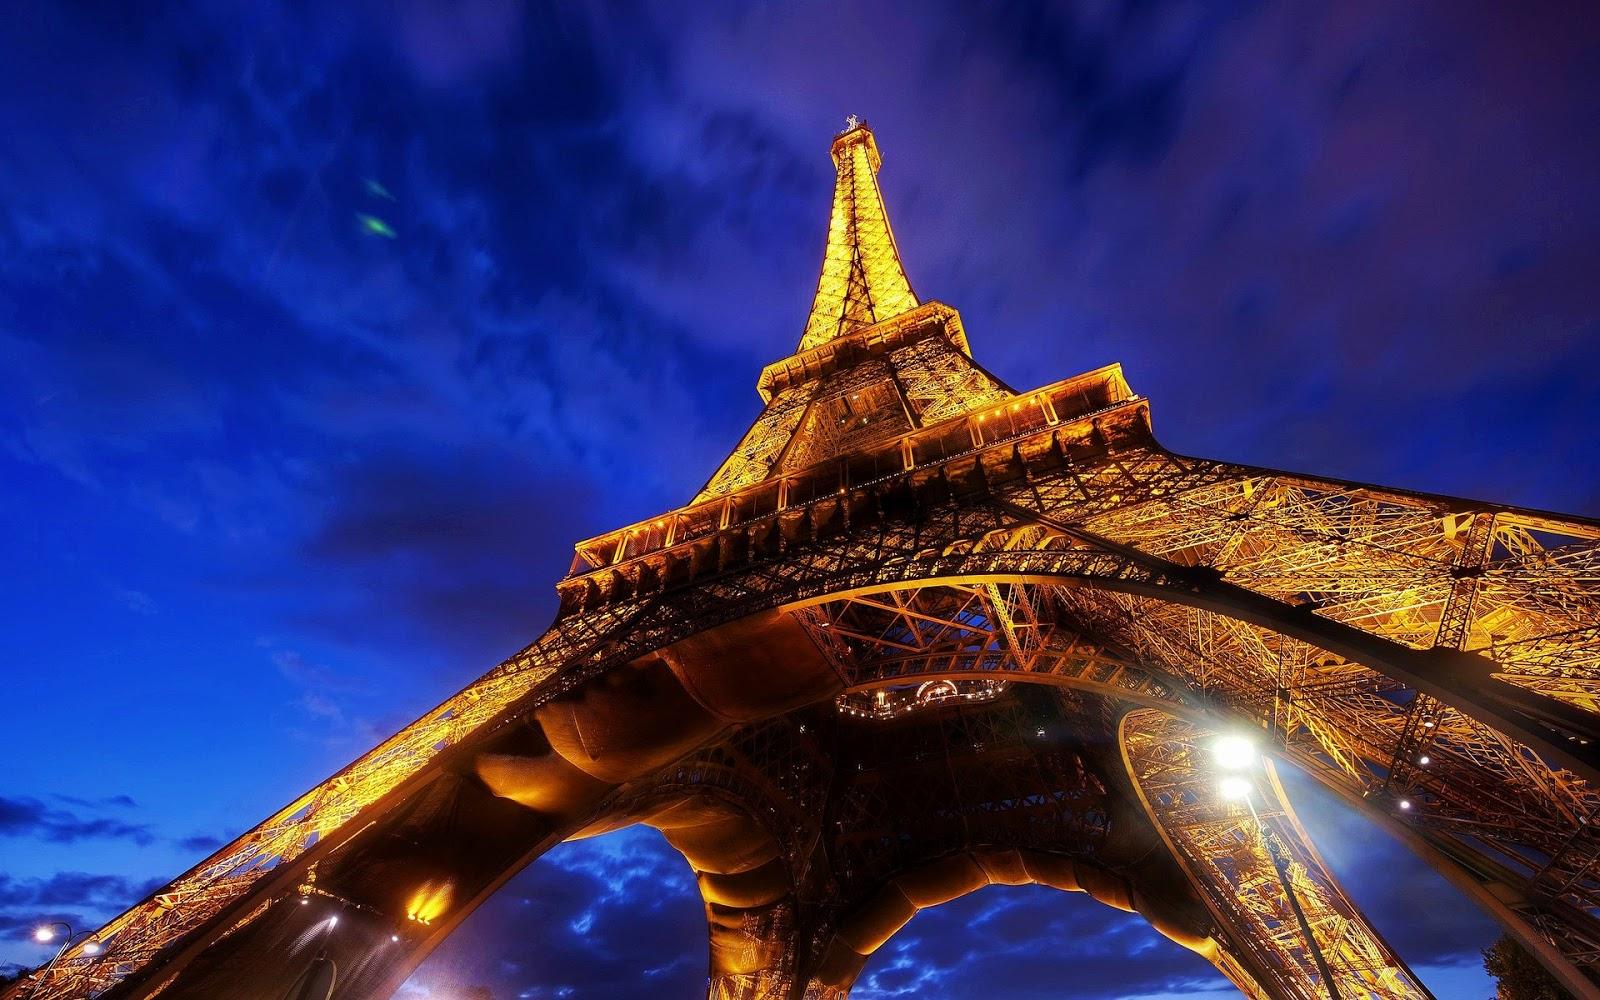 Paris Conciergerie Hd Wallpapers For Desktop 1080p Free